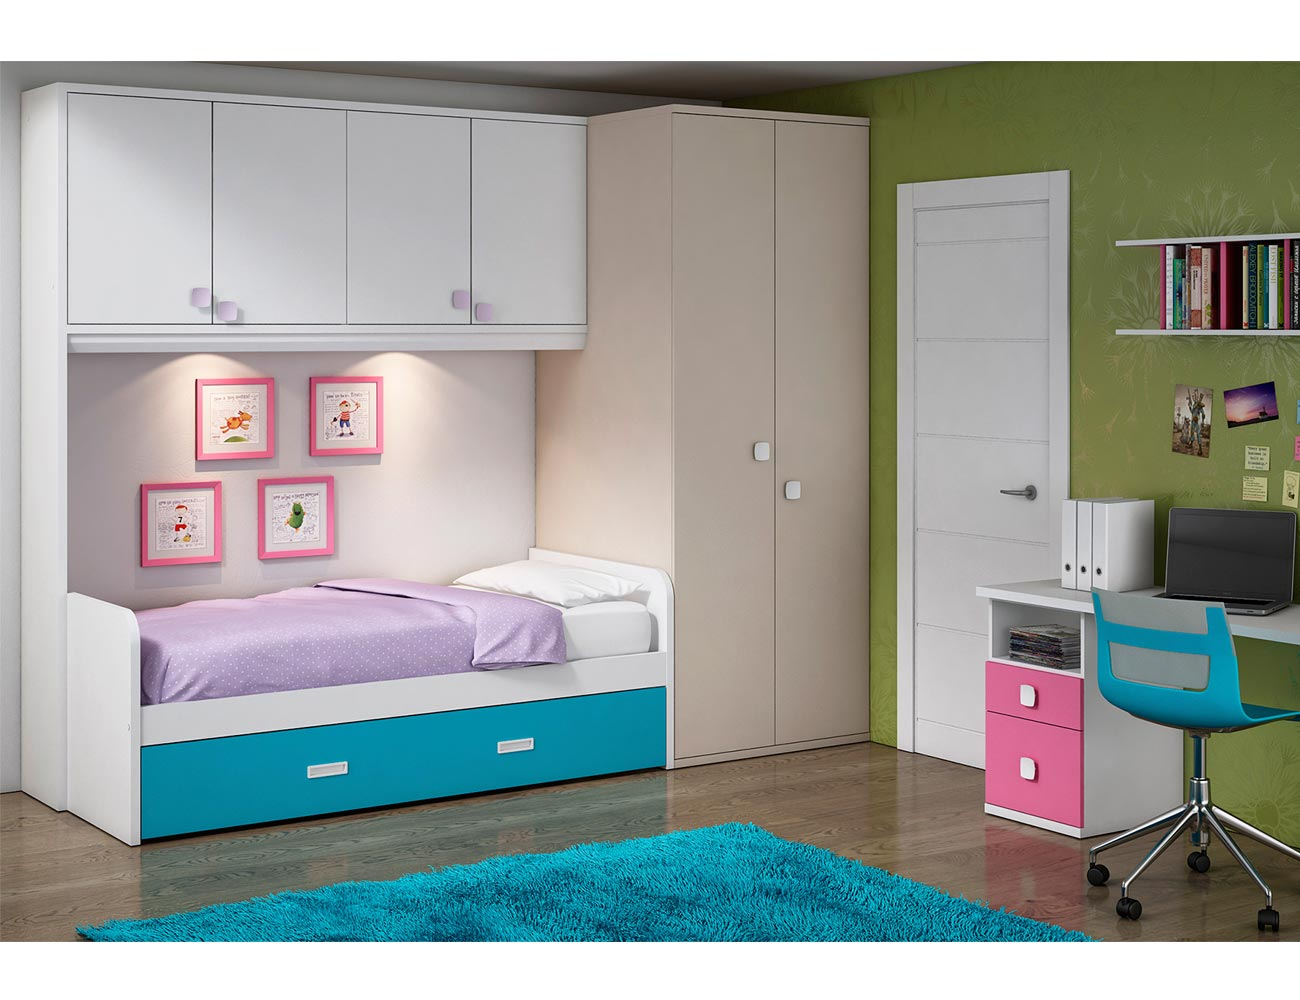 Dormitorio juvenil con puente y armario con superfondo Armario puente juvenil